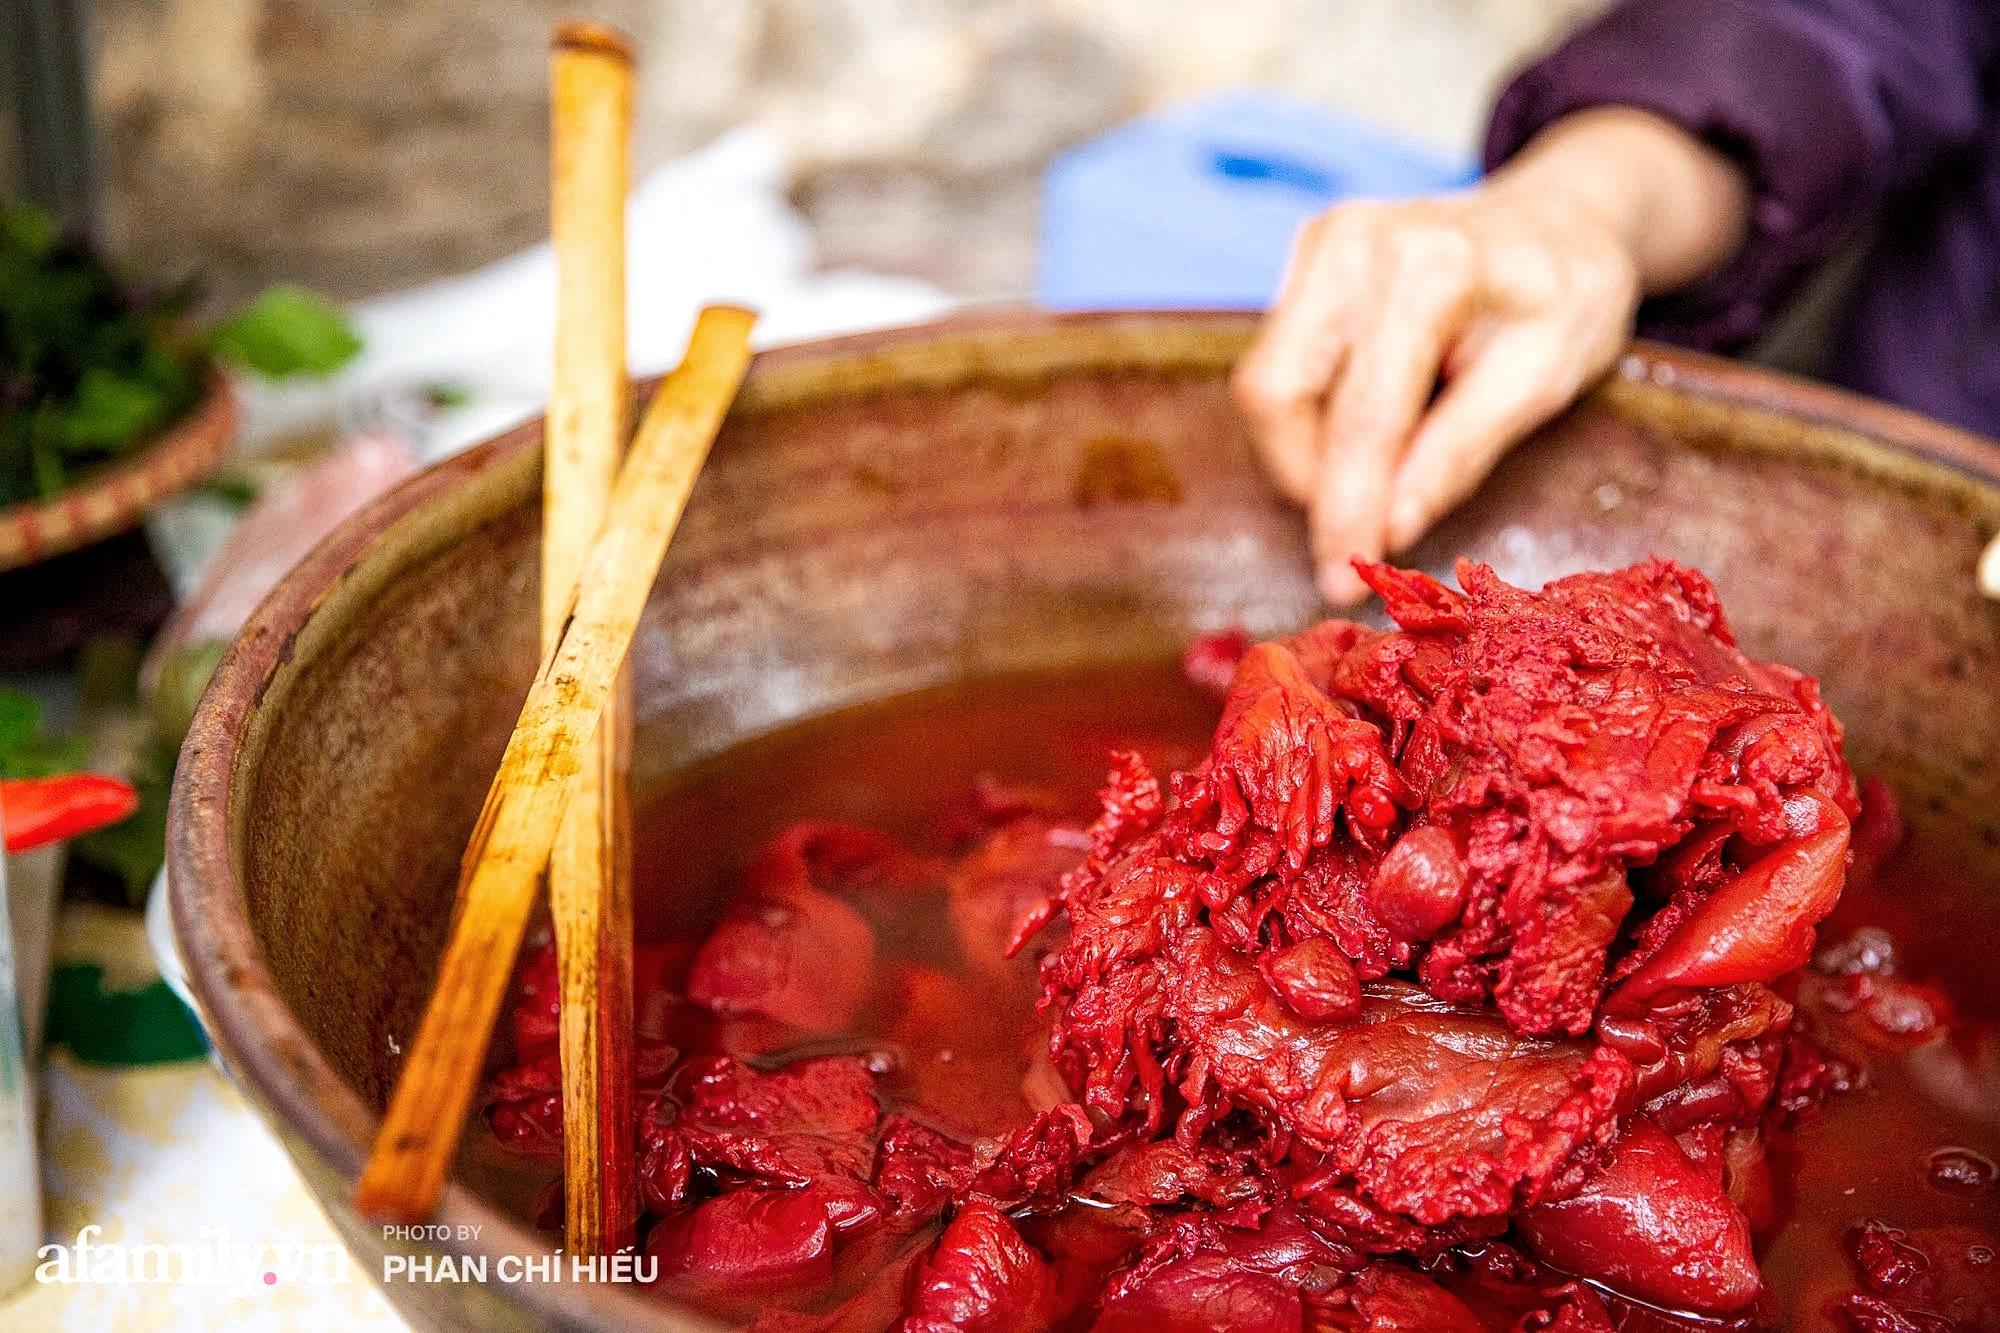 Bà chủ hàng sứa đỏ 3 đời người ở Hà Nội tiết lộ phần ngon nhất của con sứa khi rộ mùa, bật mí chỉ dùng dao tre thay vì dao thép để cắt sứa càng khiến món ăn thêm bí hiểm - Ảnh 4.